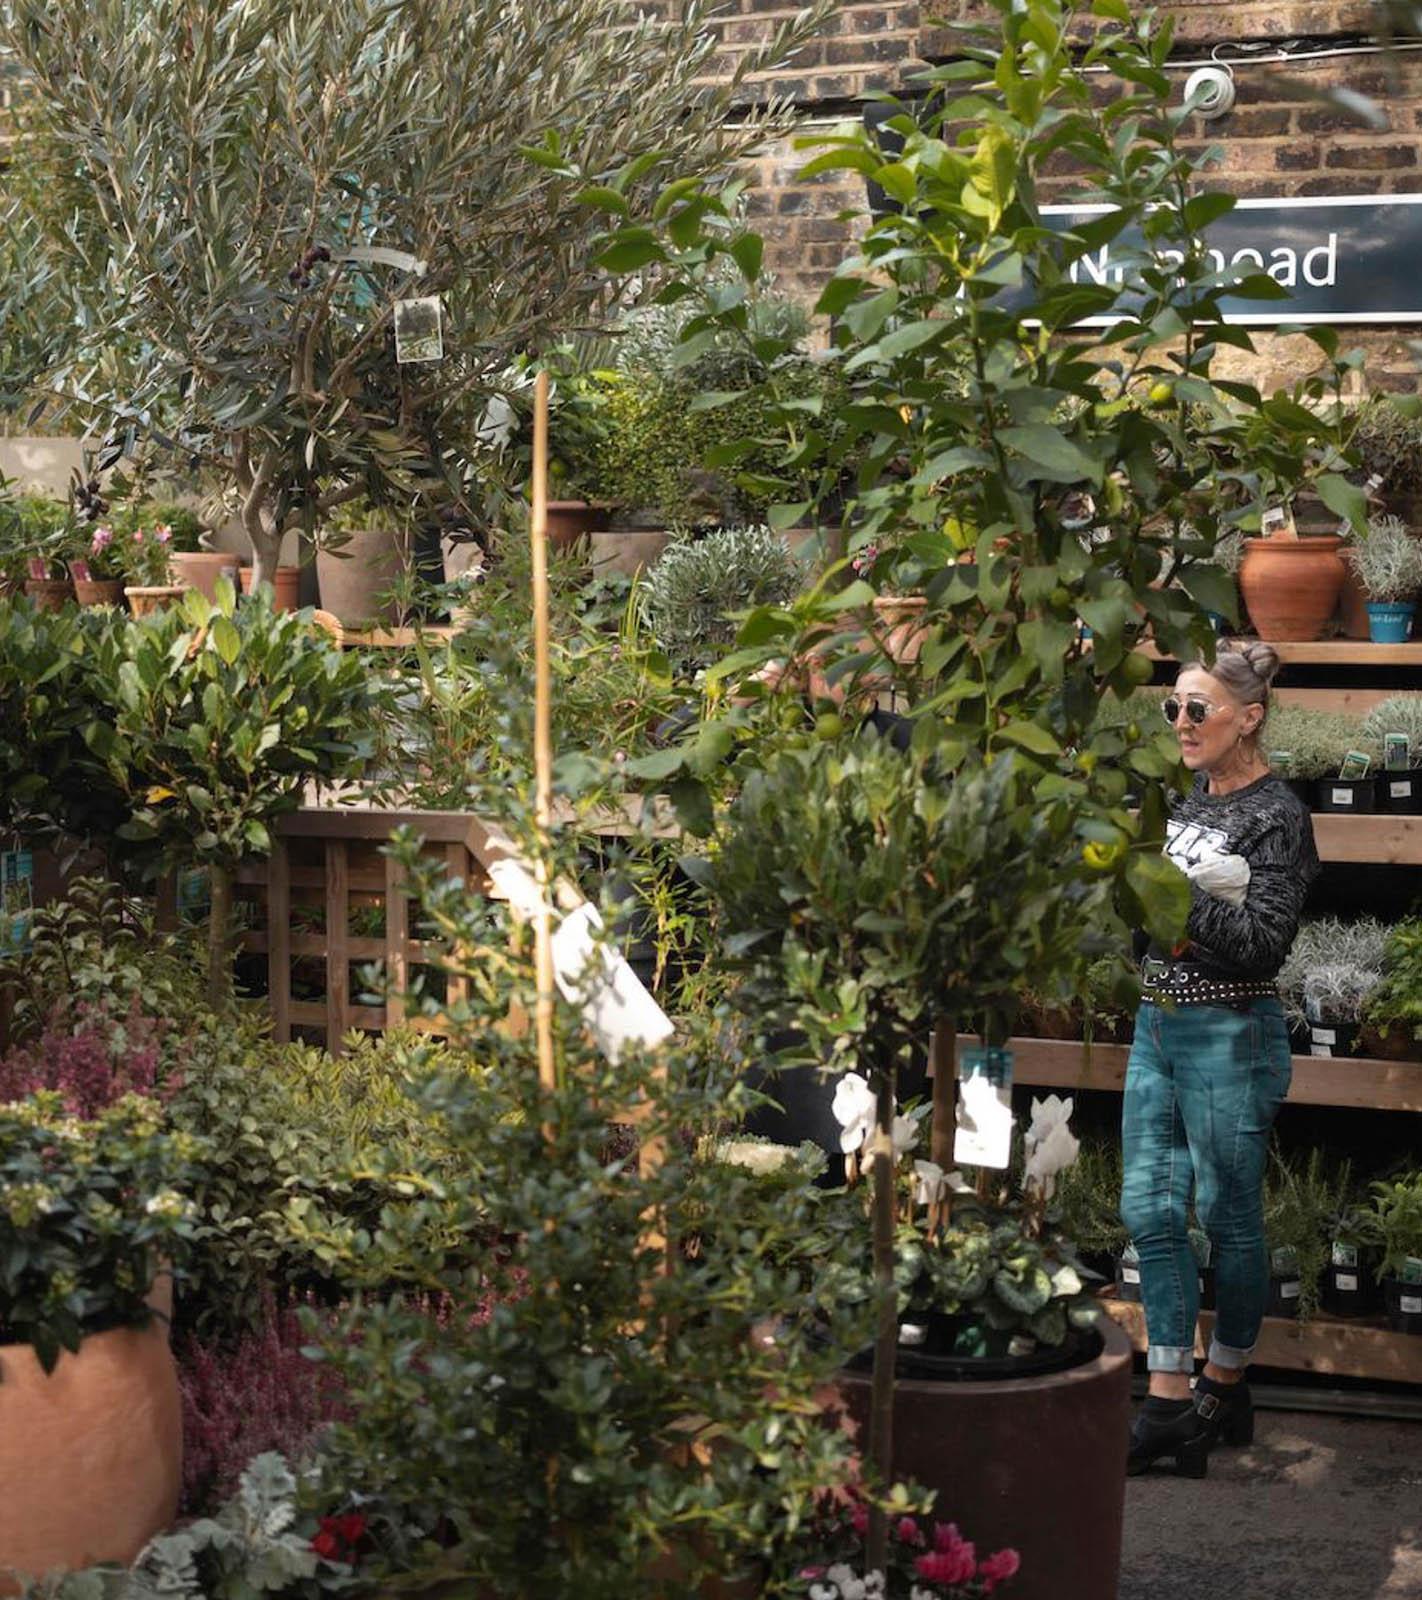 The Nunhead Gardener ist eine kleine Idylle im großen und hektischen London.